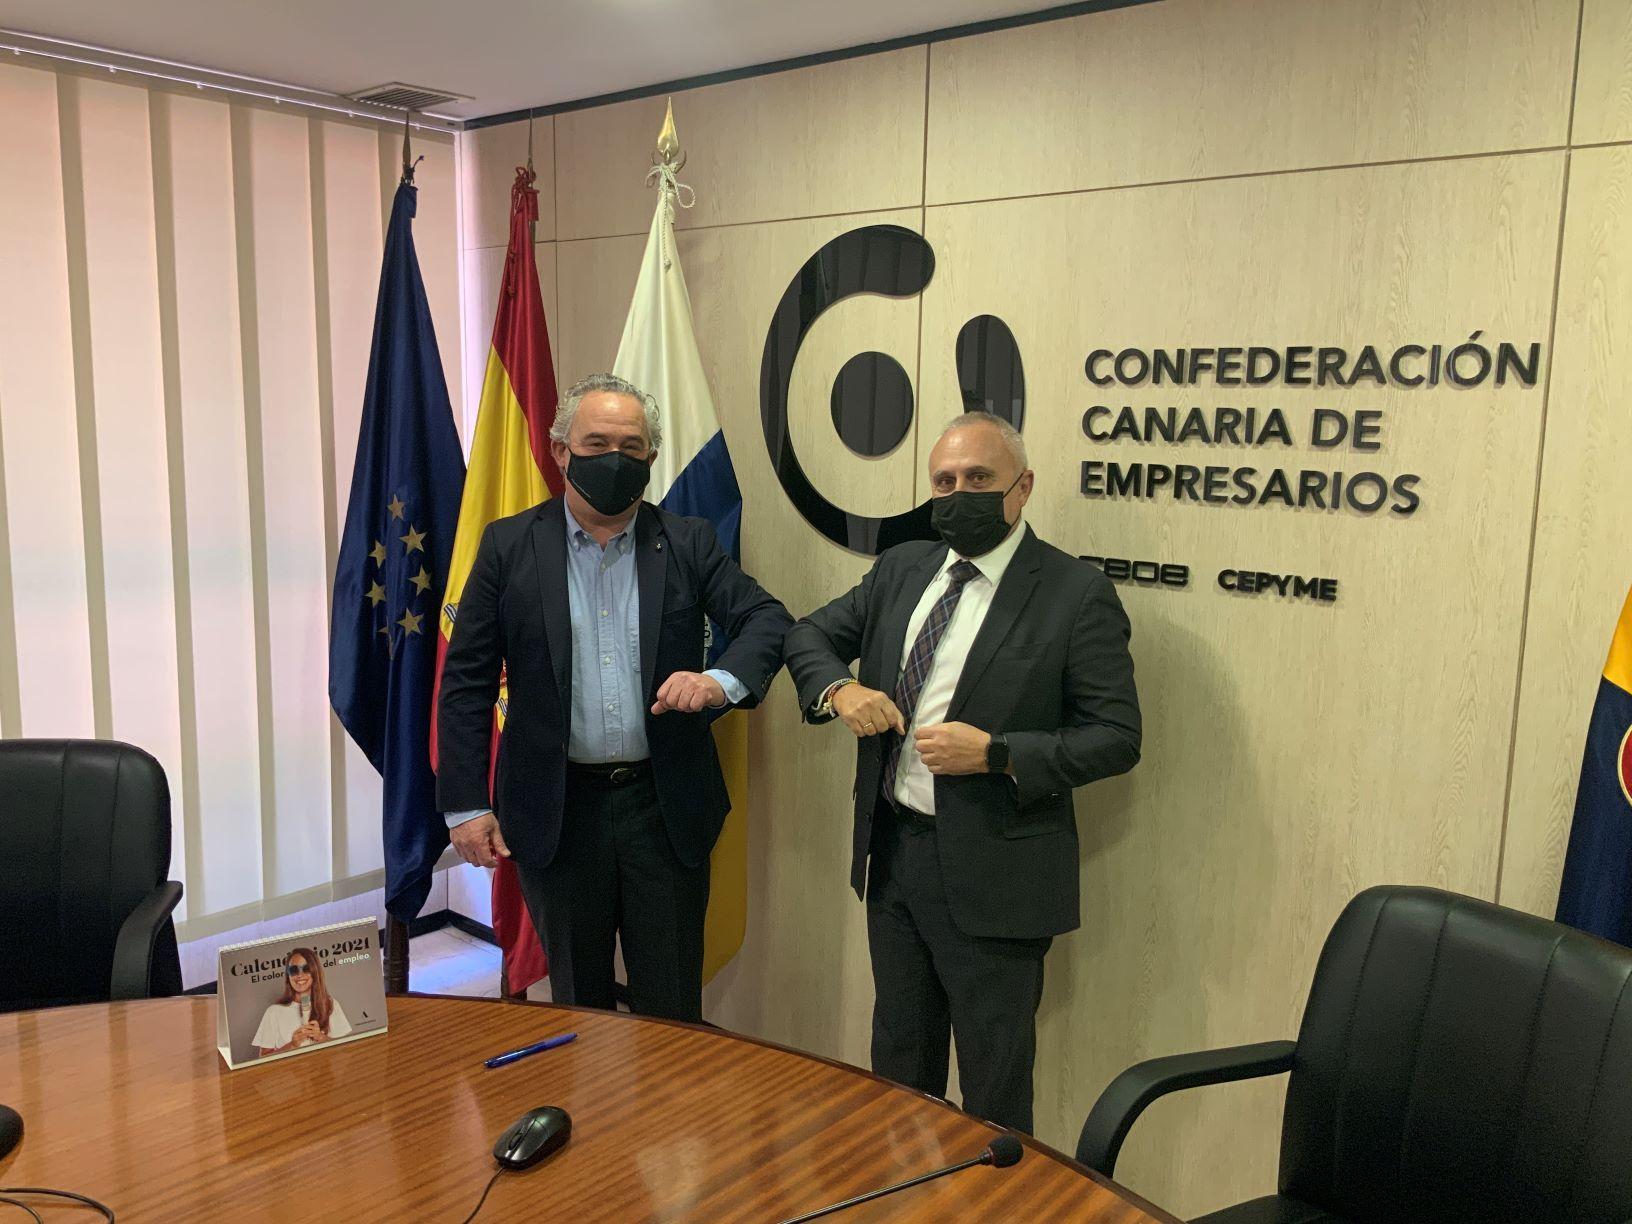 La Confederación Canaria de Empresarios se adhiere a la iniciativa #MovilizaciónPorElEmpleo del Grupo Adecco